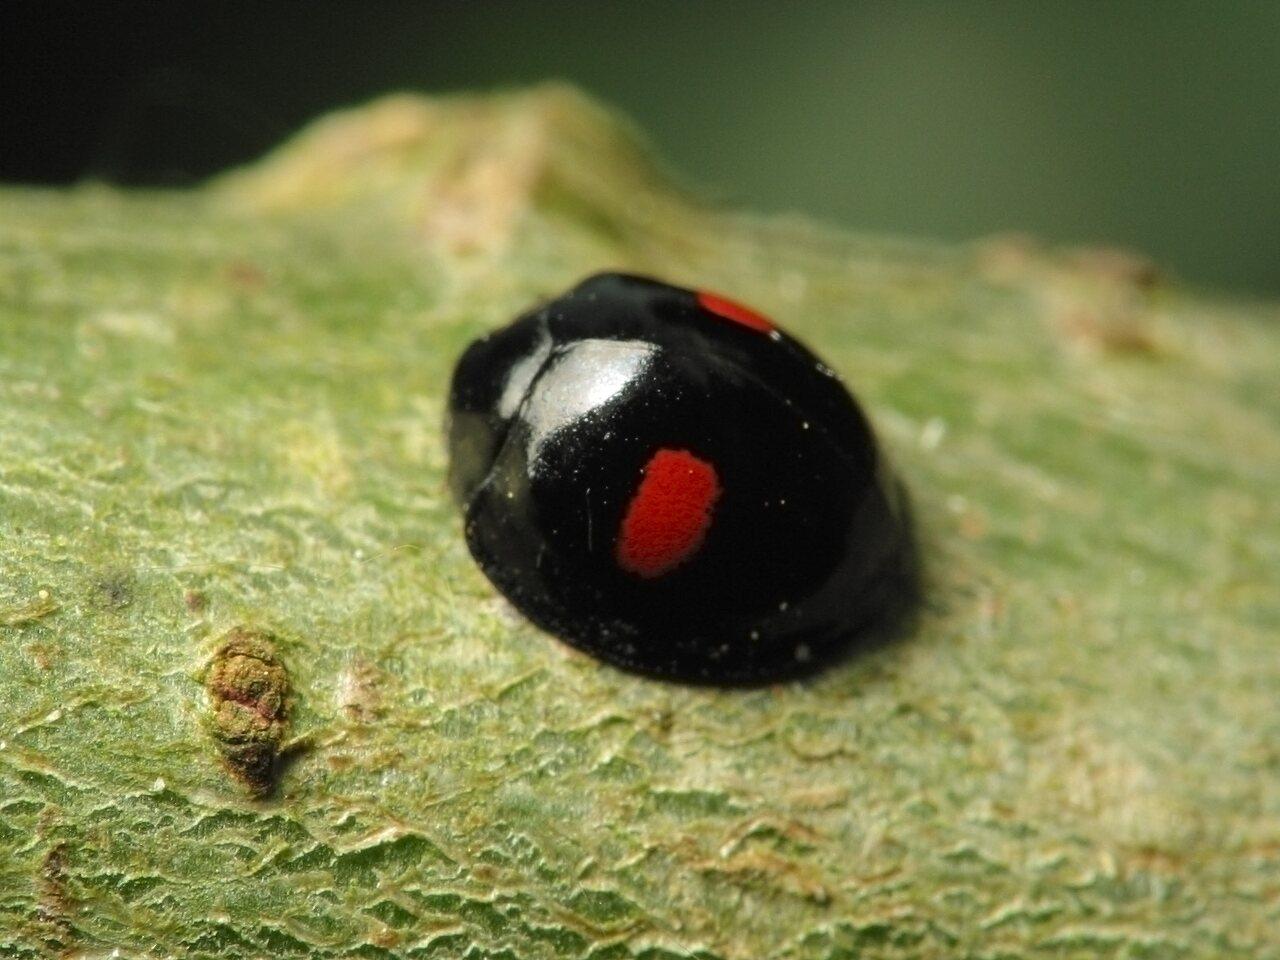 Chilocorus-renipustulatus-1092.jpg